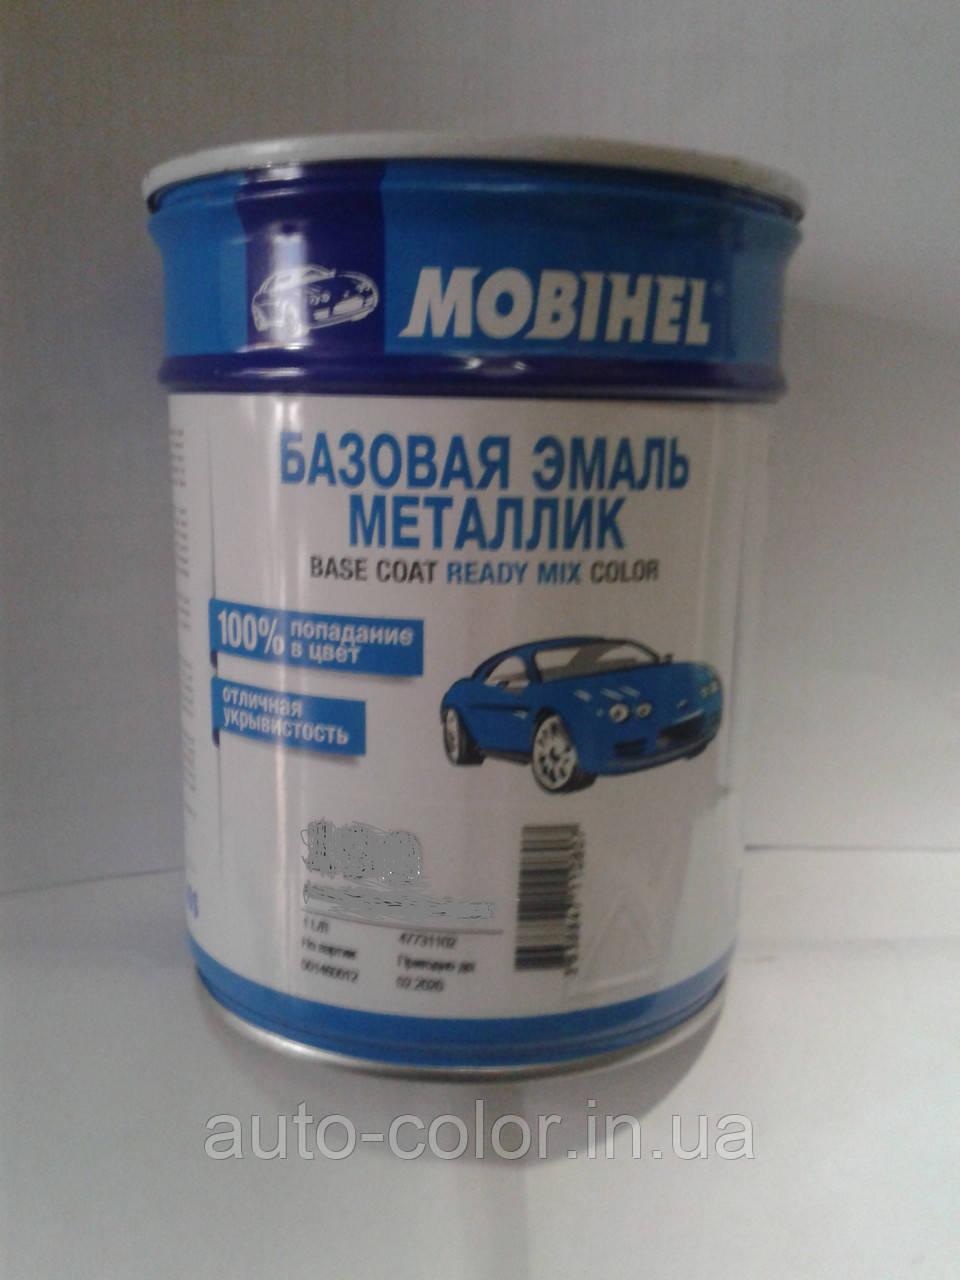 Автоэмаль базовая металлик Mobihel  412 Регата  1л